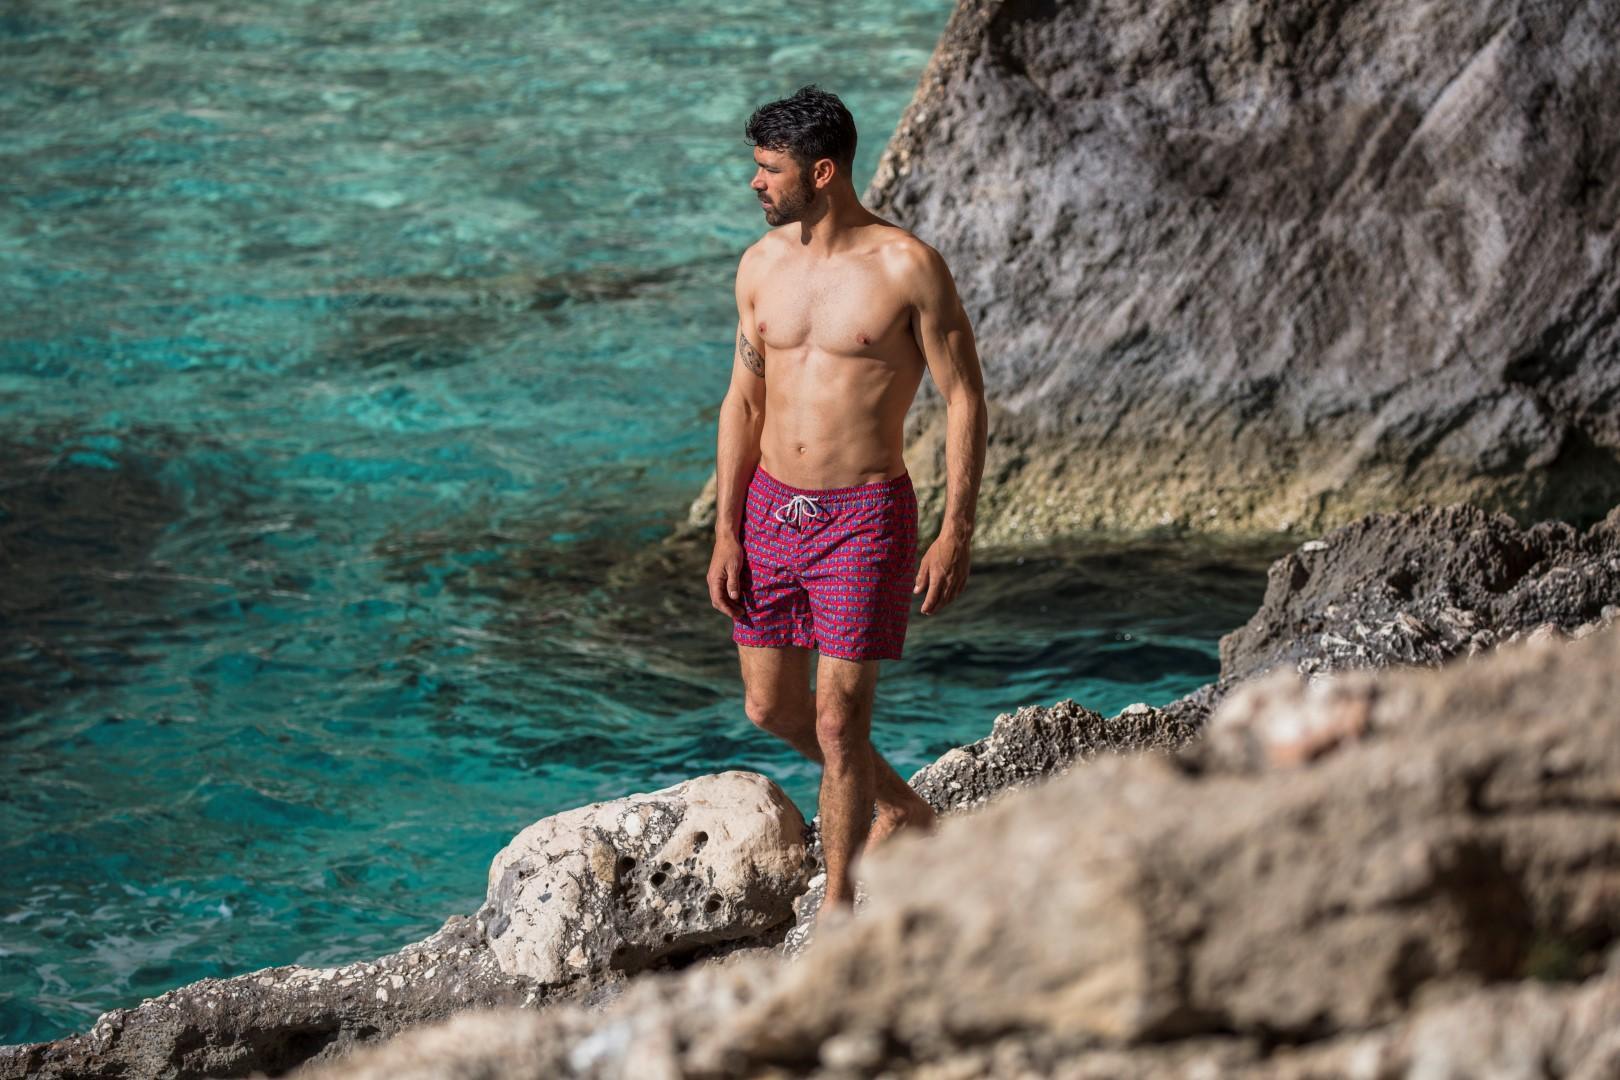 Mare uomo: slip o boxer? I costumi da bagno da prendere con i saldi